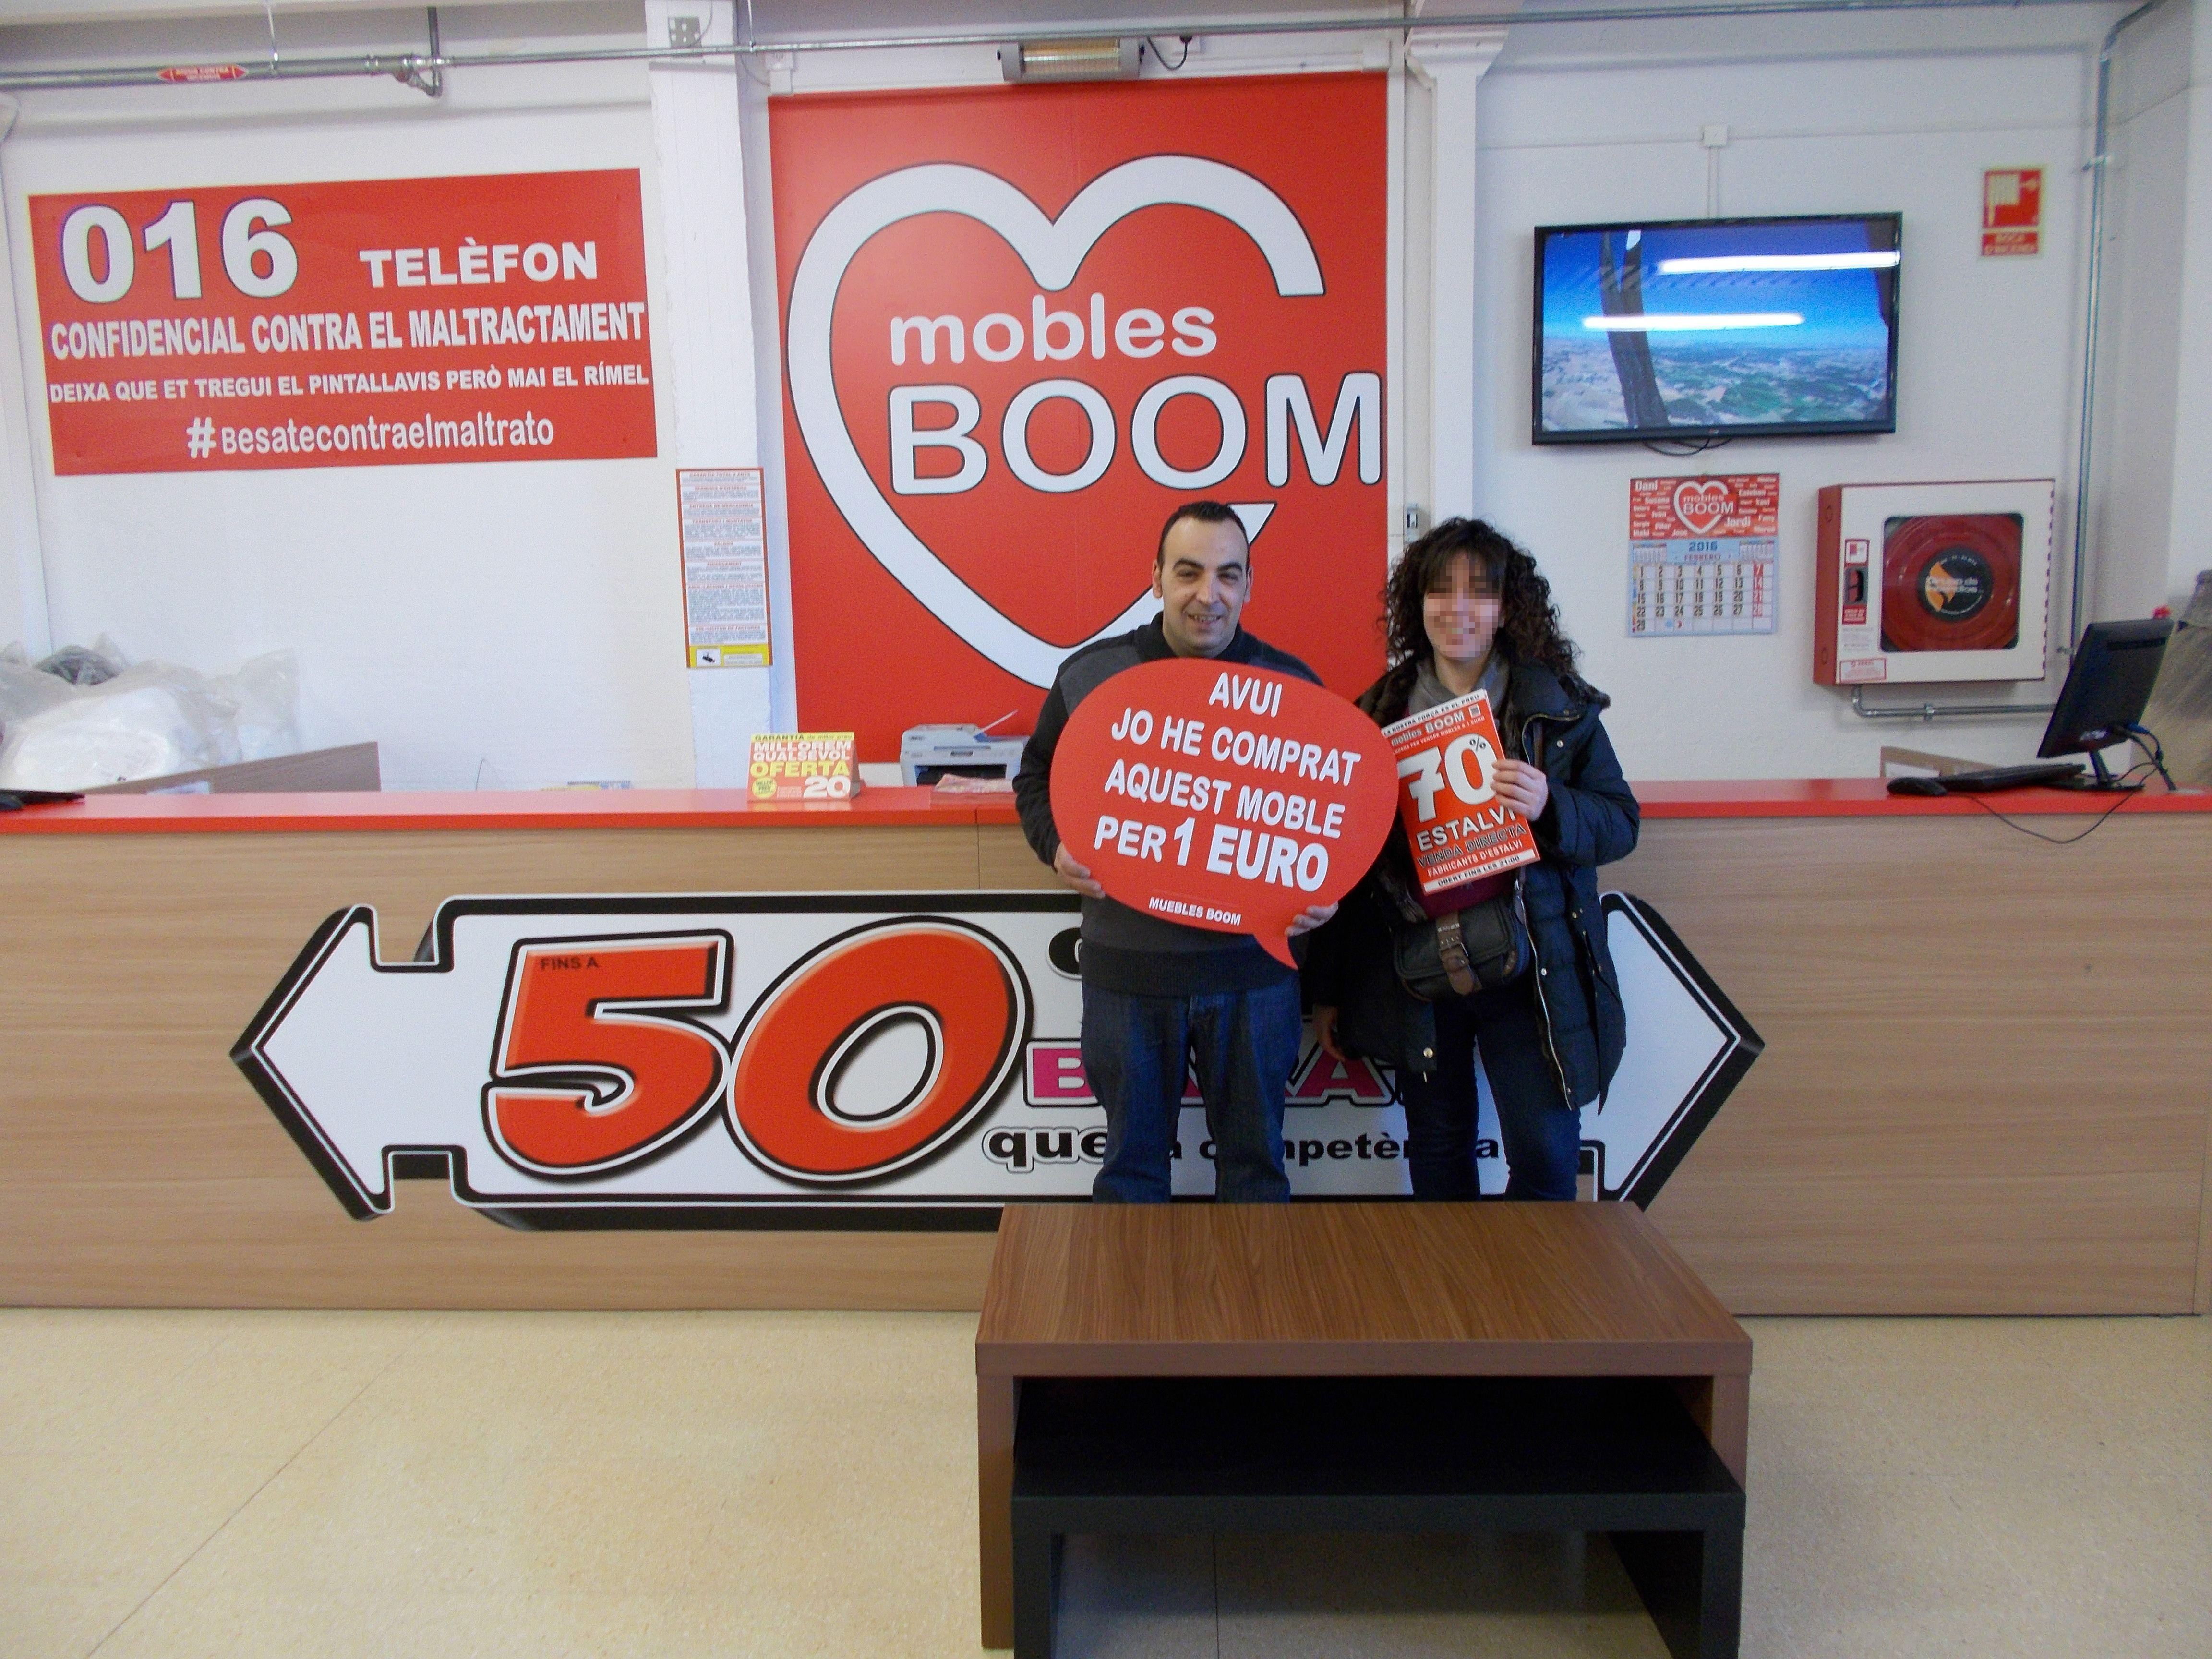 El pasado lunes javier g v se compr por s lo 1 euro for Muebles boom lleida